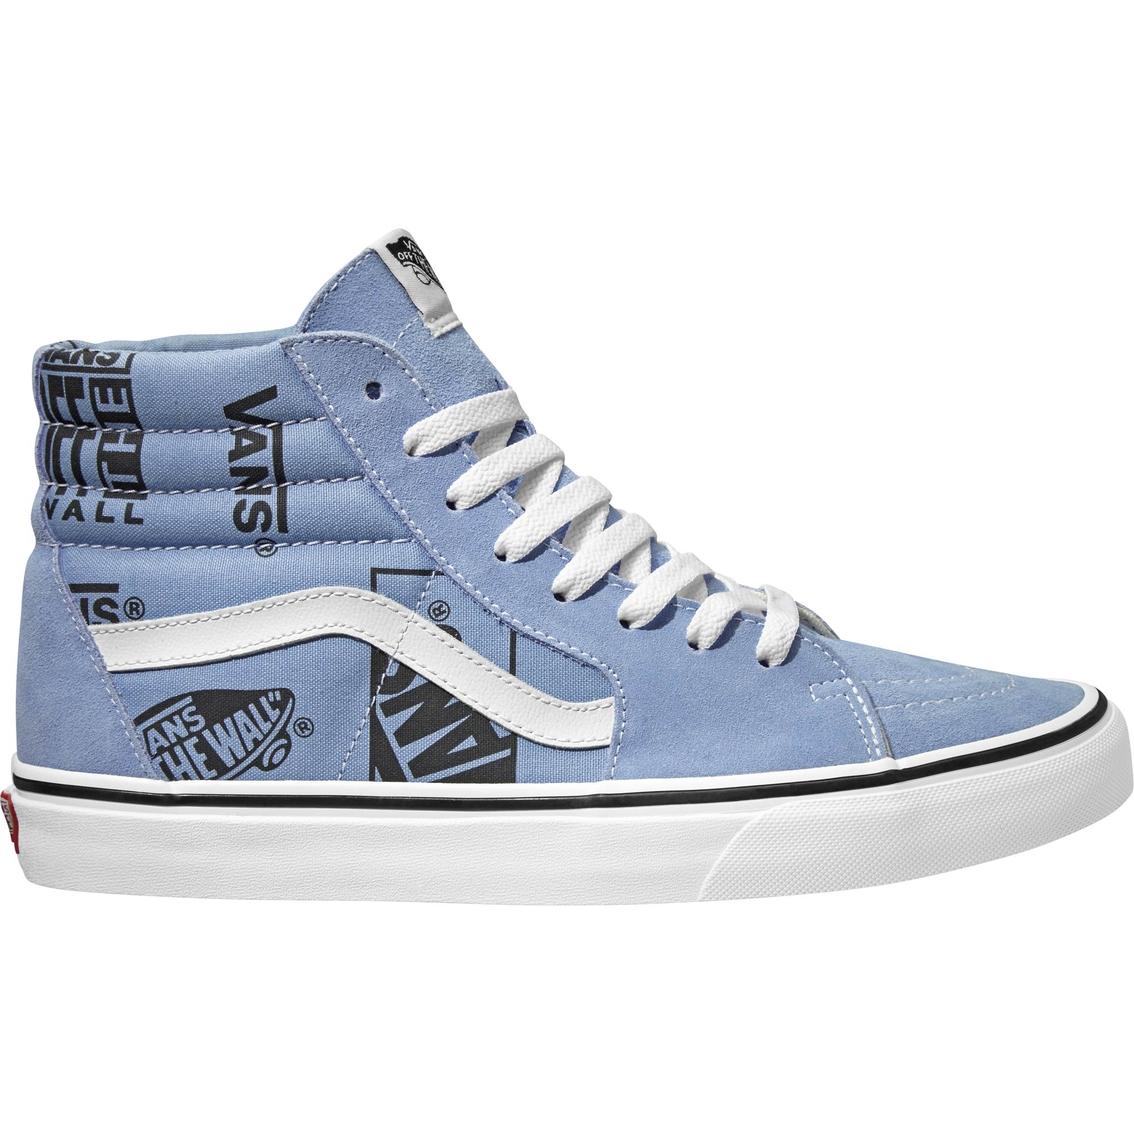 f622dab016822a Vans Sk8 Hi Mixed Logo Lifestyle Shoes